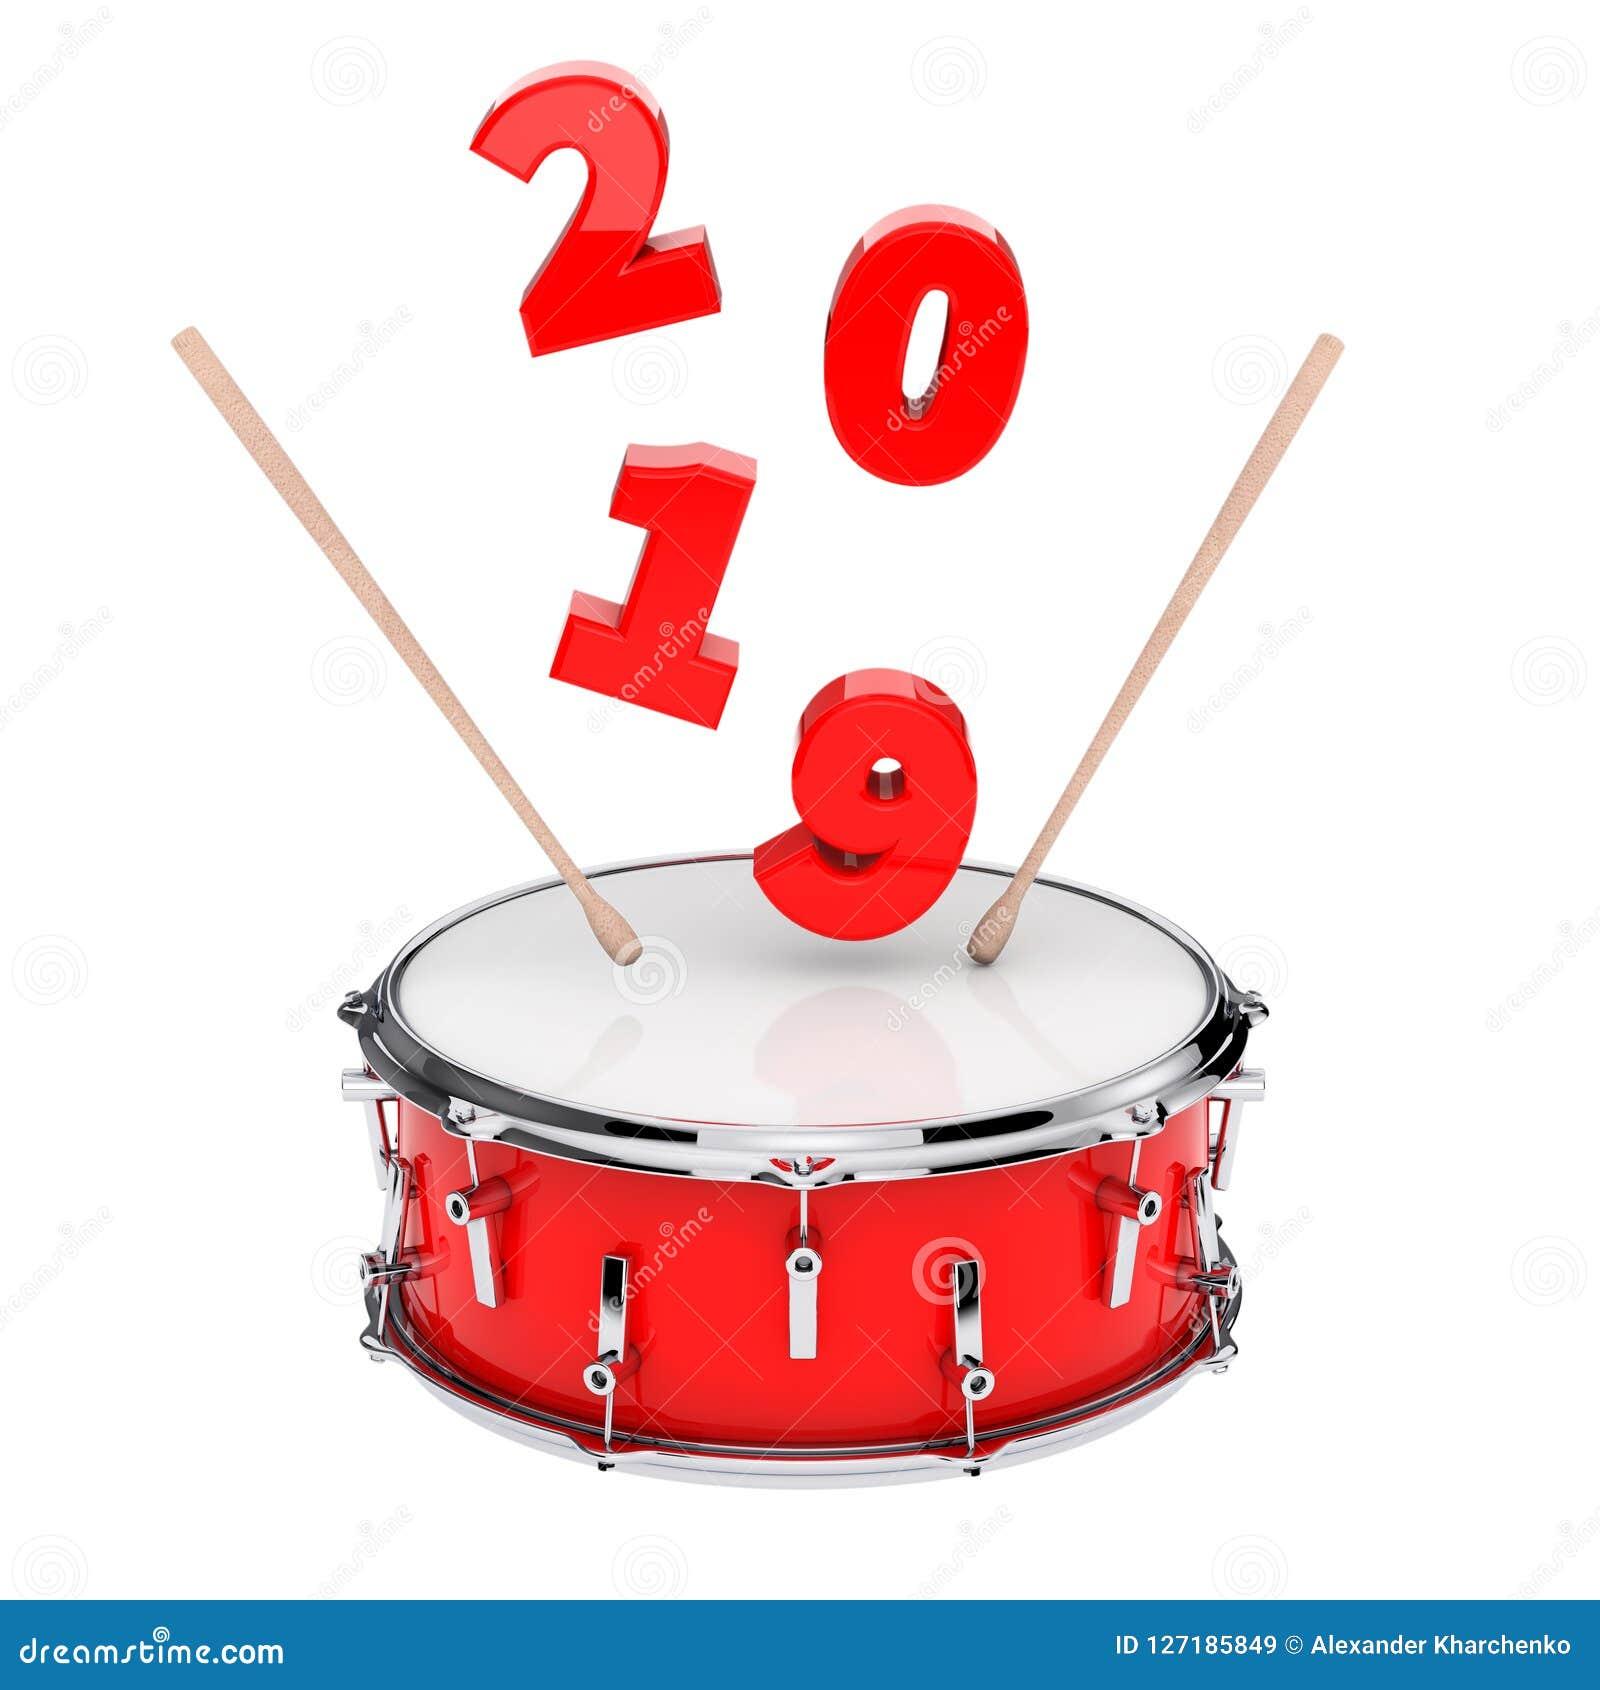 Rode Striktrommel met Paar van Trommelstokken en het Nieuwjaarteken van 2019